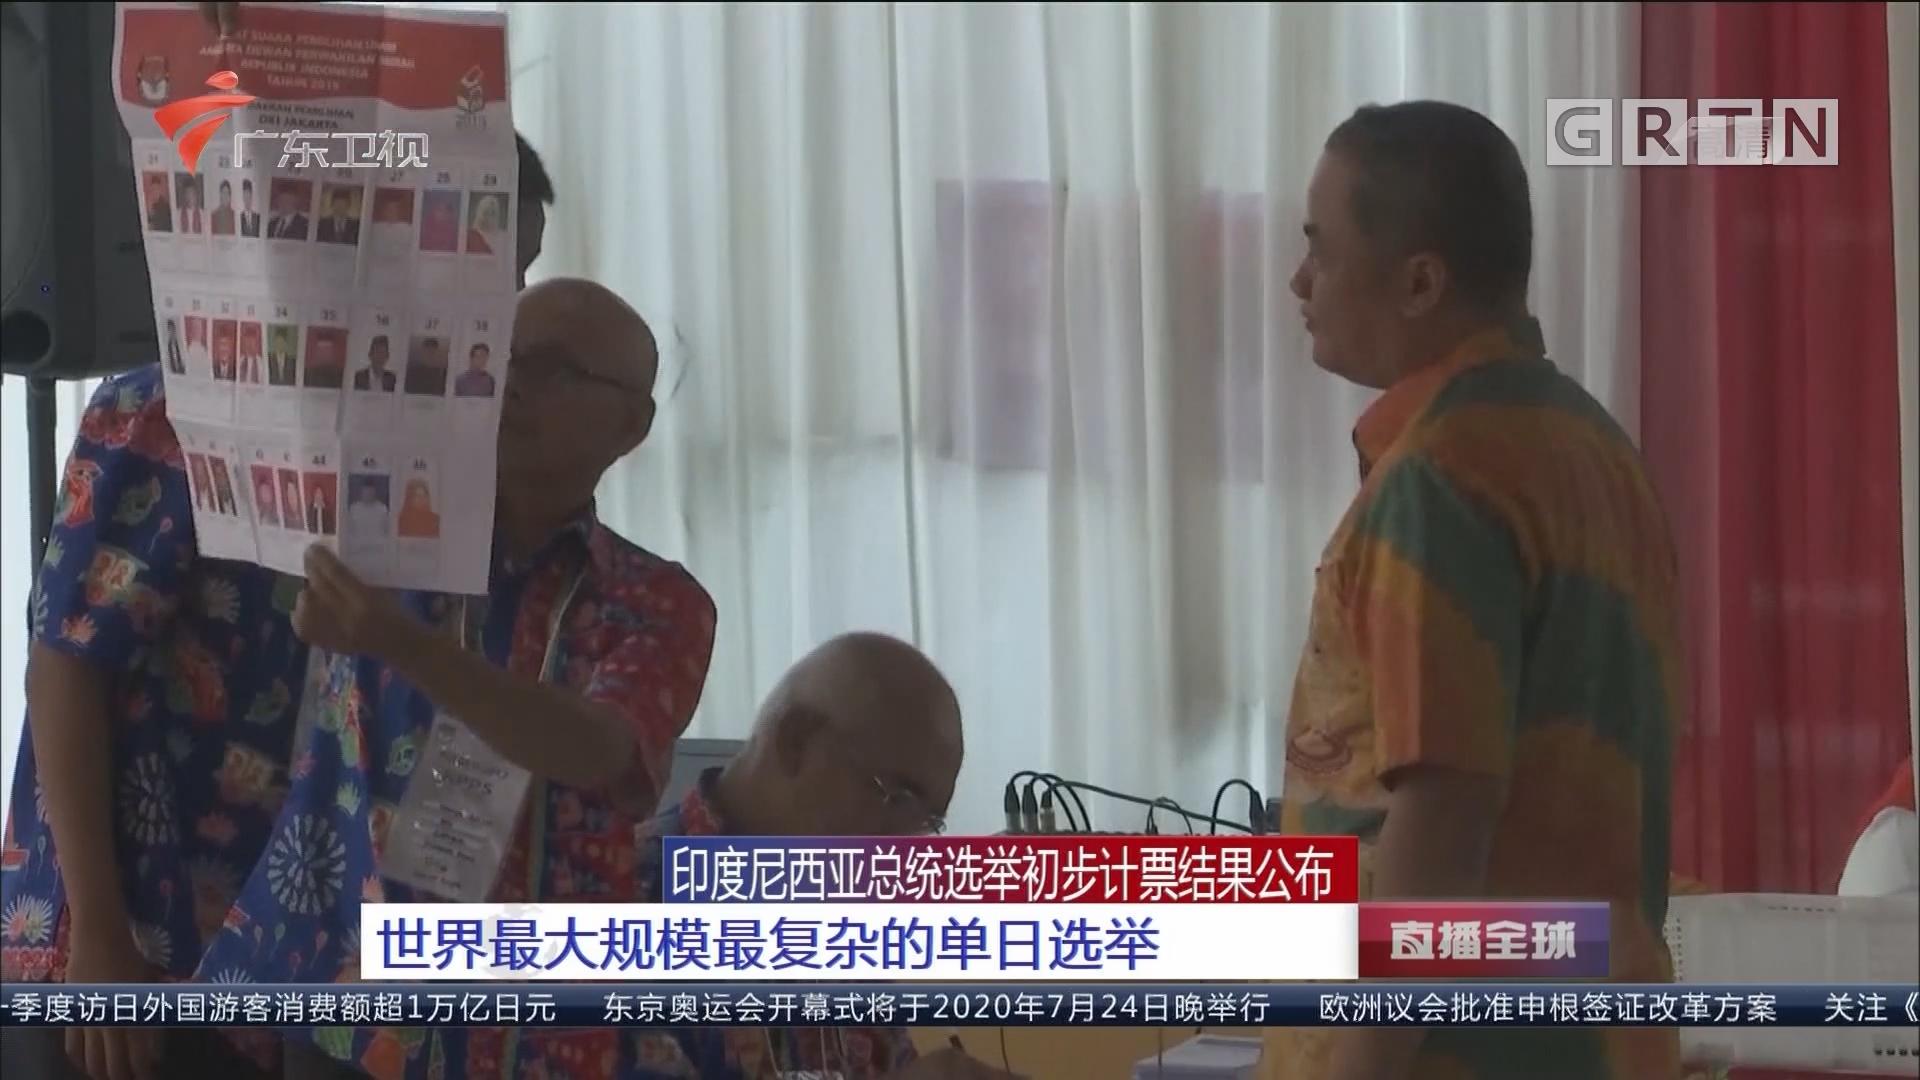 印度尼西亚总统选举初步计票结果公布 世界最大规模最复杂的单日选举